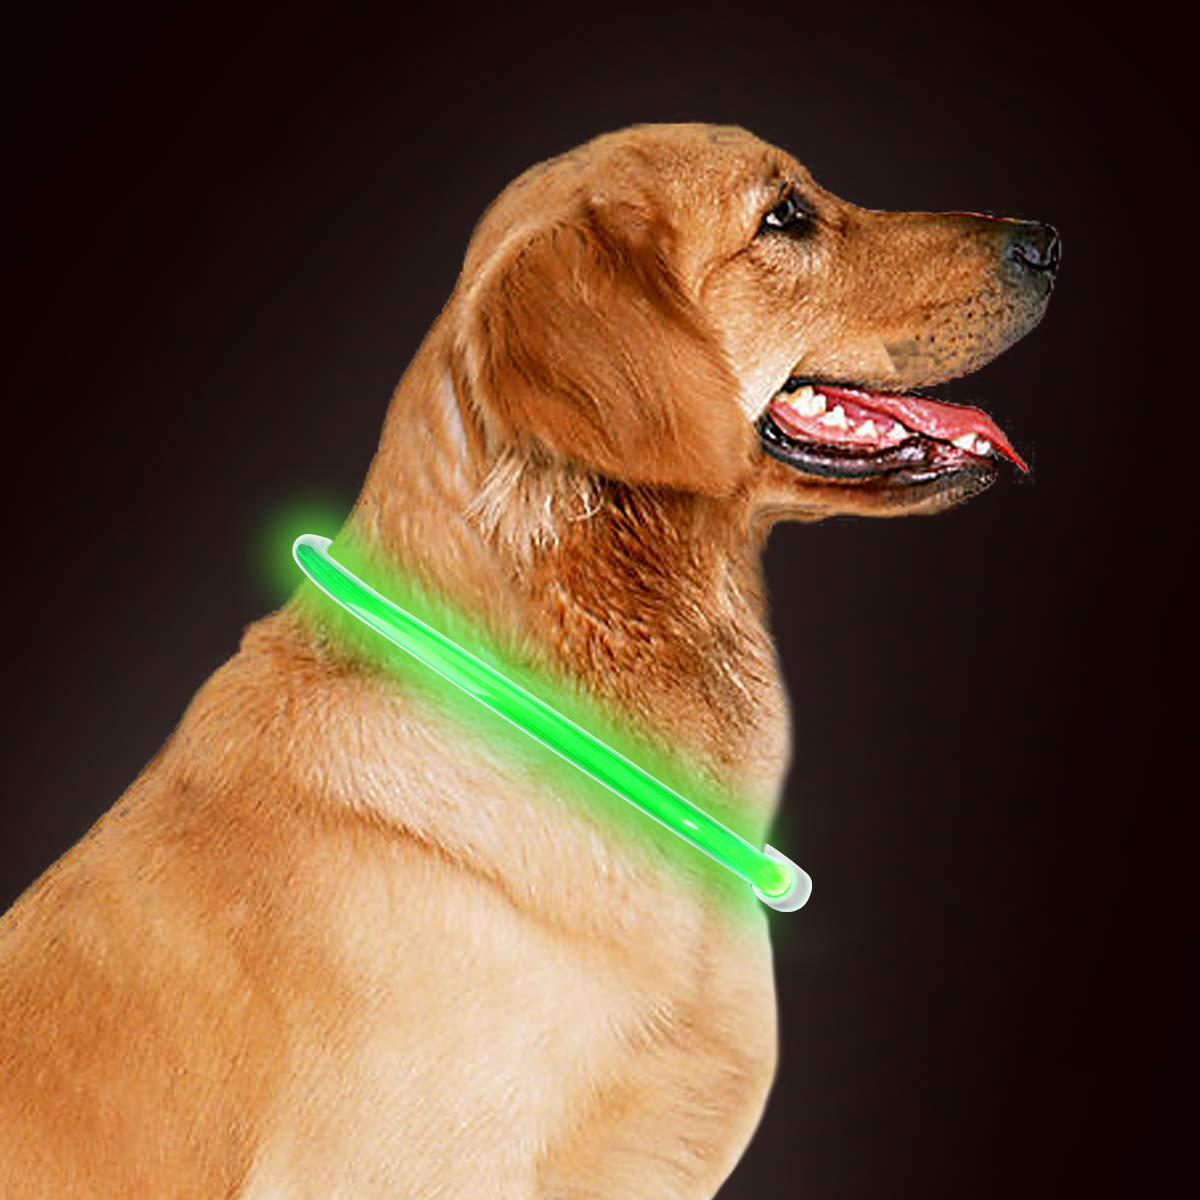 takyu Led Halsband Leuchthalsband für Hunde, 70cm universell kürzbar, wiederaufladbar über USB Kabel